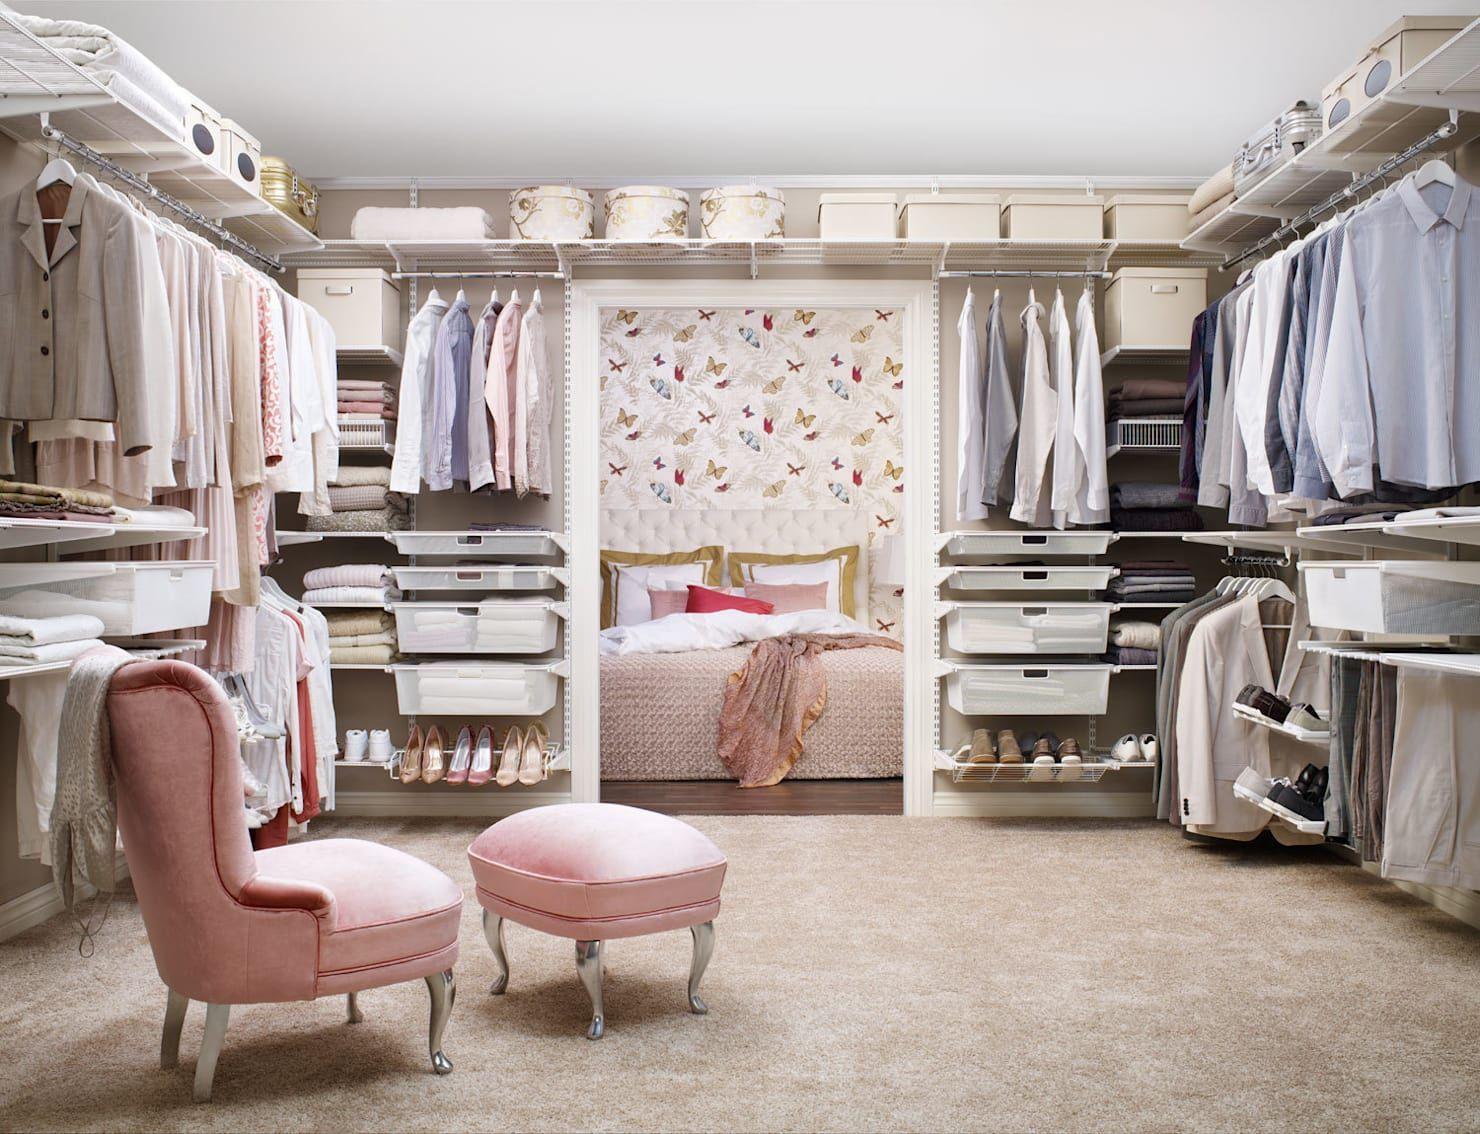 Wie Kann Ich Einen Begehbaren Kleiderschrank In Mein Schlafzimmer  Integrieren?